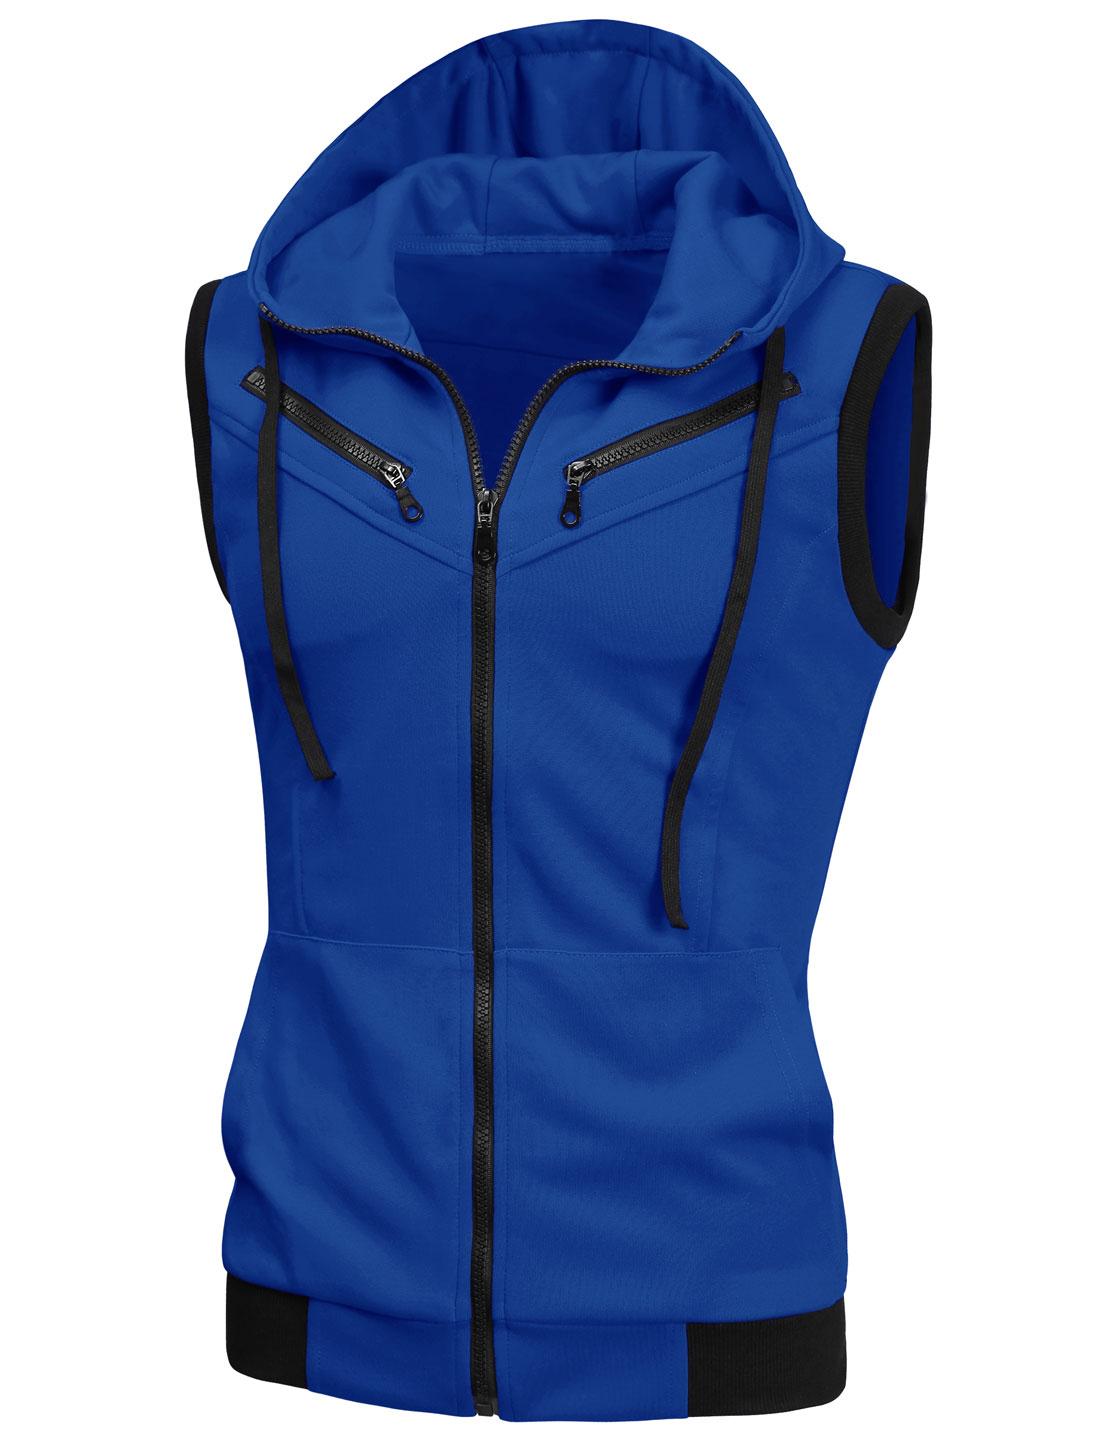 Men Chic Full Zipper Drawstring Hooded Vest Blue S